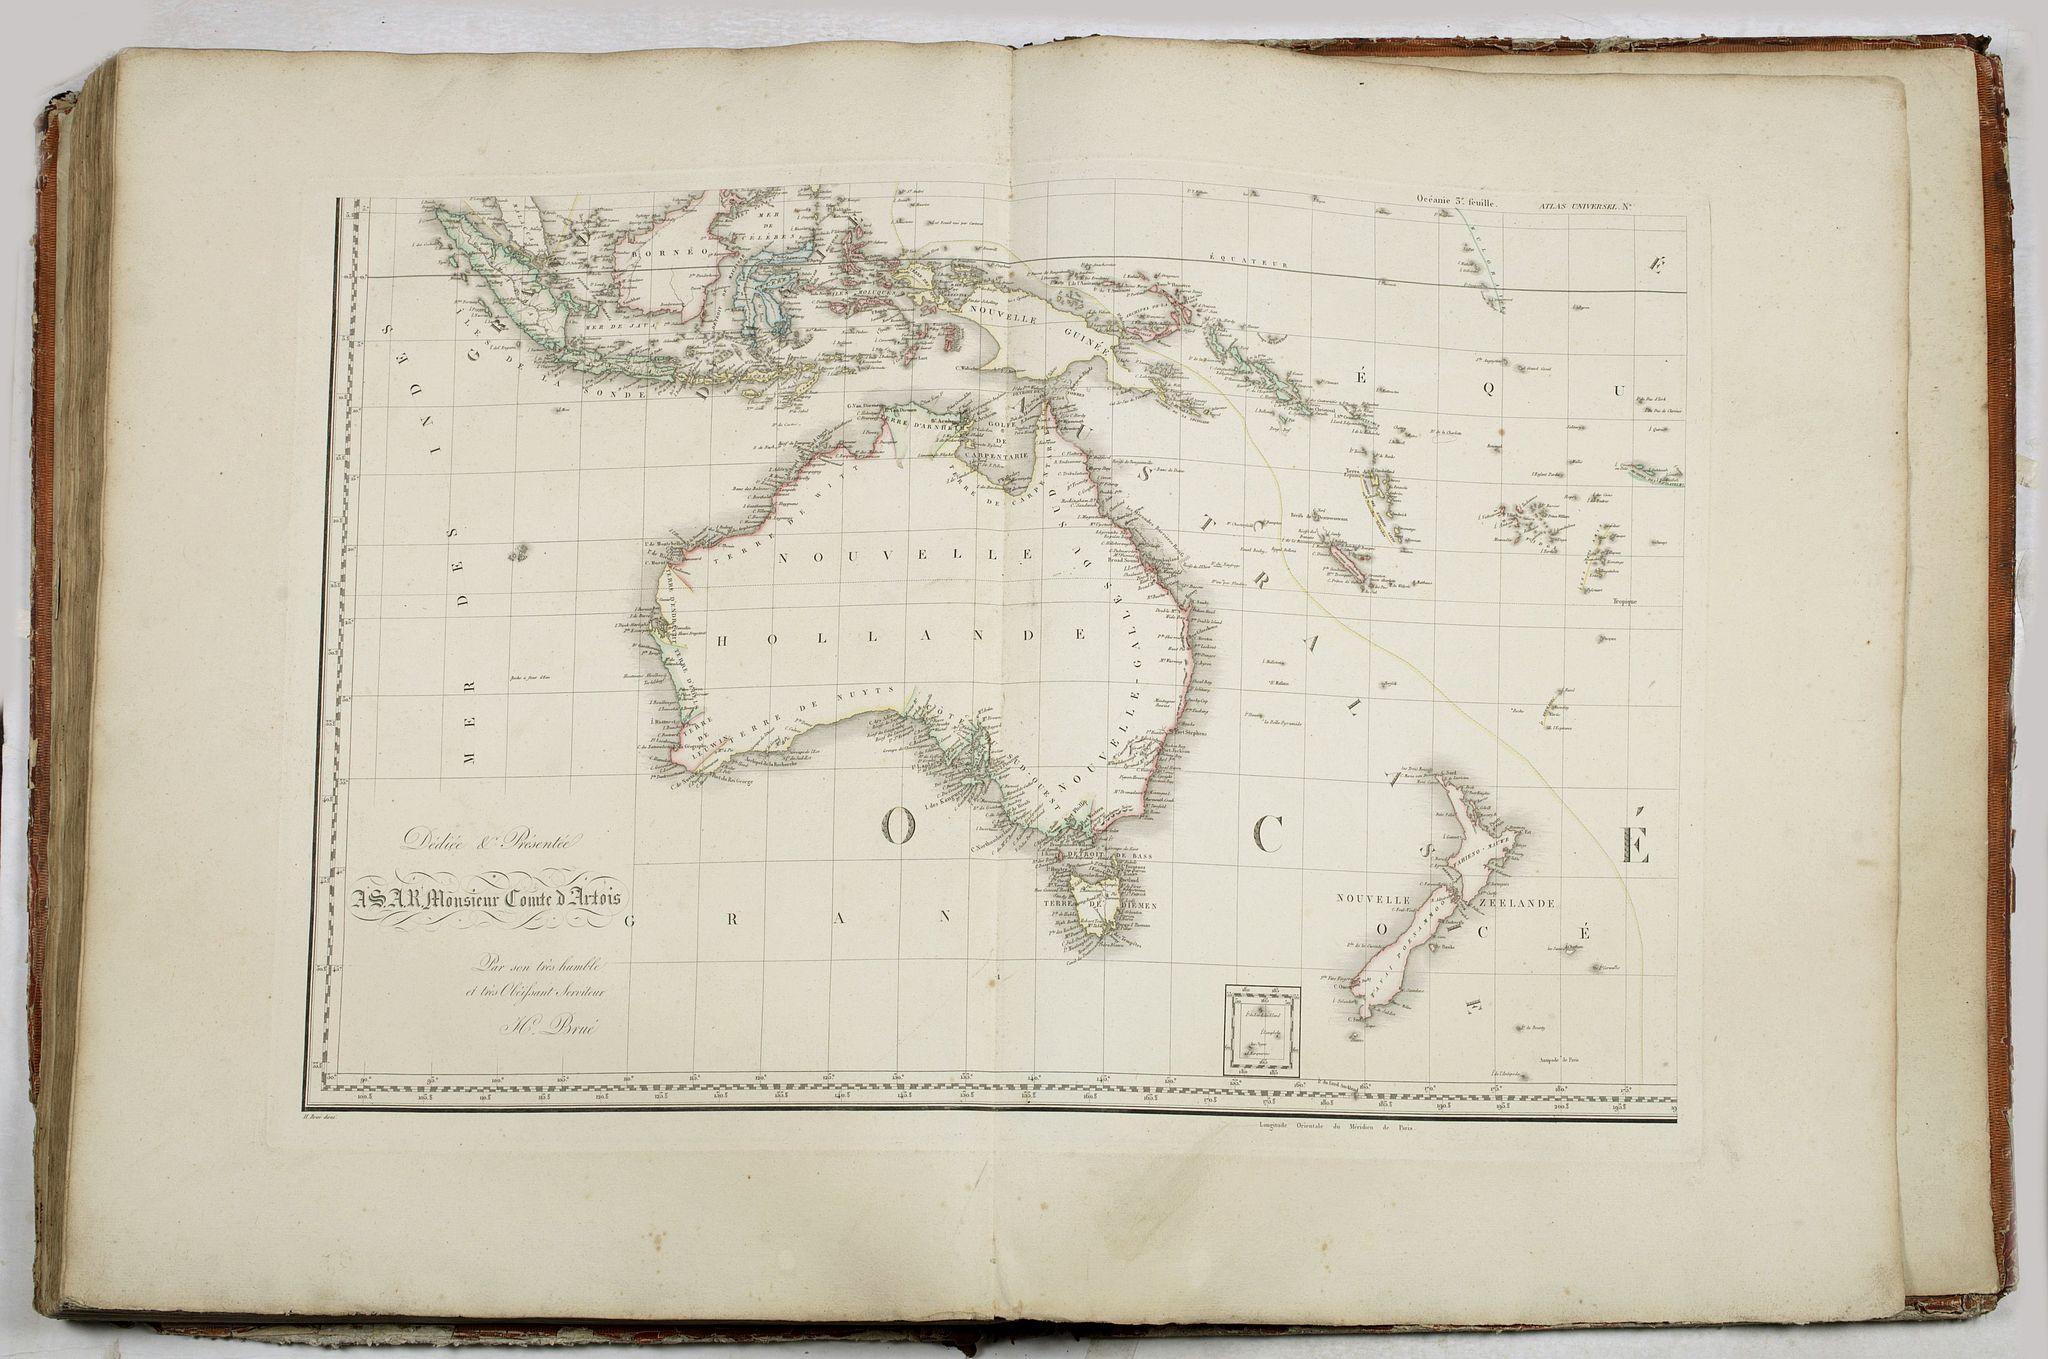 BRUE (Adrien Hubert). -  Grand atlas universel ou collection de cartes encyprotypes, générales et détaillées des cinq parties du monde.